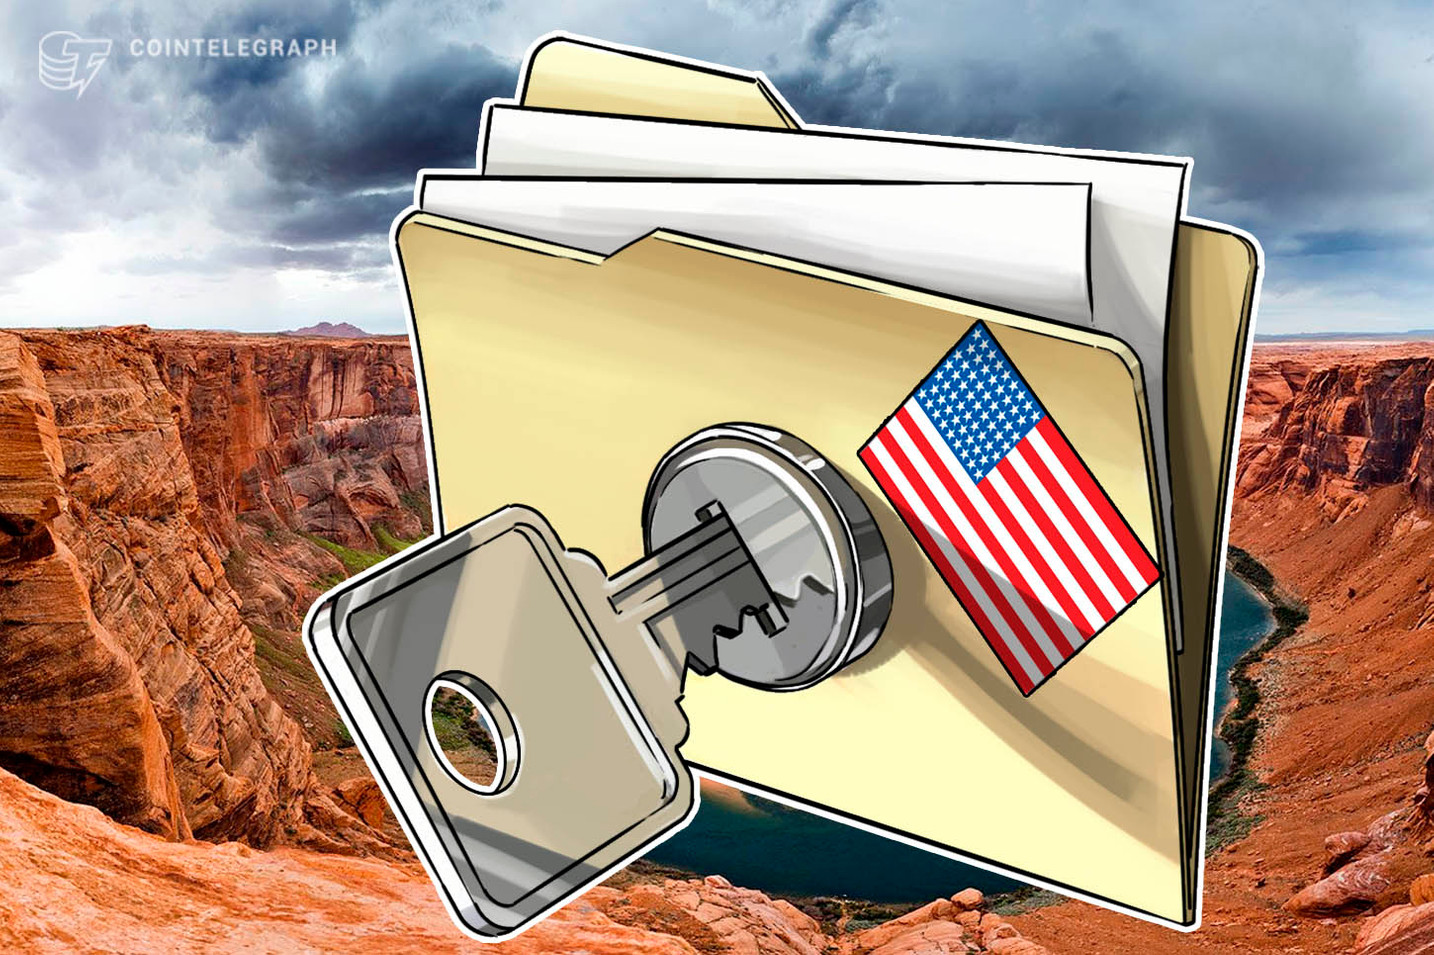 米コロラド州、行政データ保護にブロックチェーン採用を提唱する法案を可決